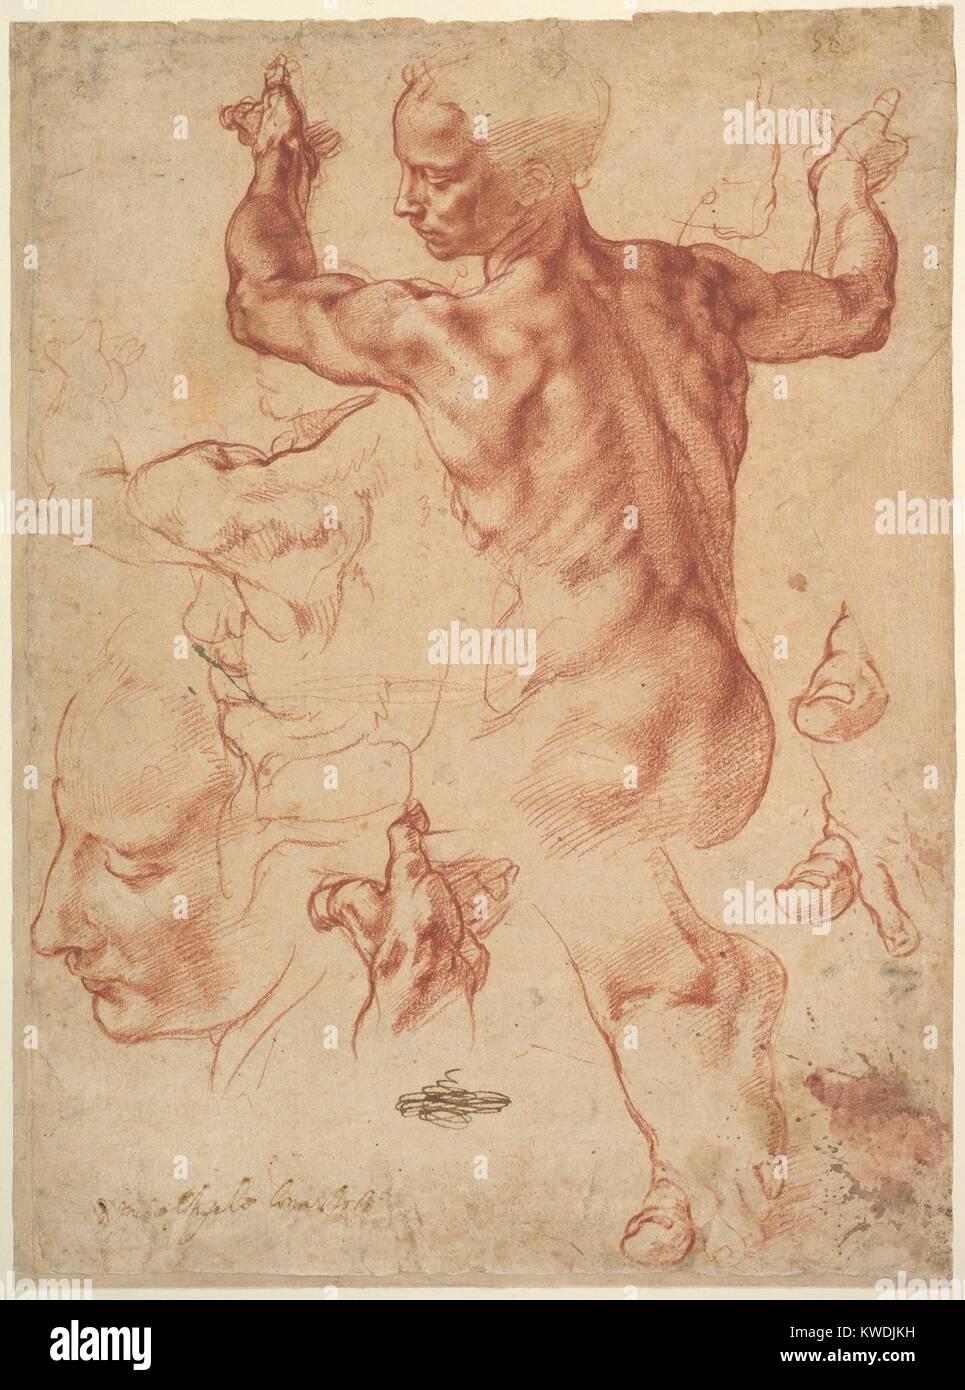 Studien für die LIBYSCHE SIBYLLE, von Michelangelo, 1510-11, italienische Renaissance Kreidezeichnung. Vorbereitende Stockbild